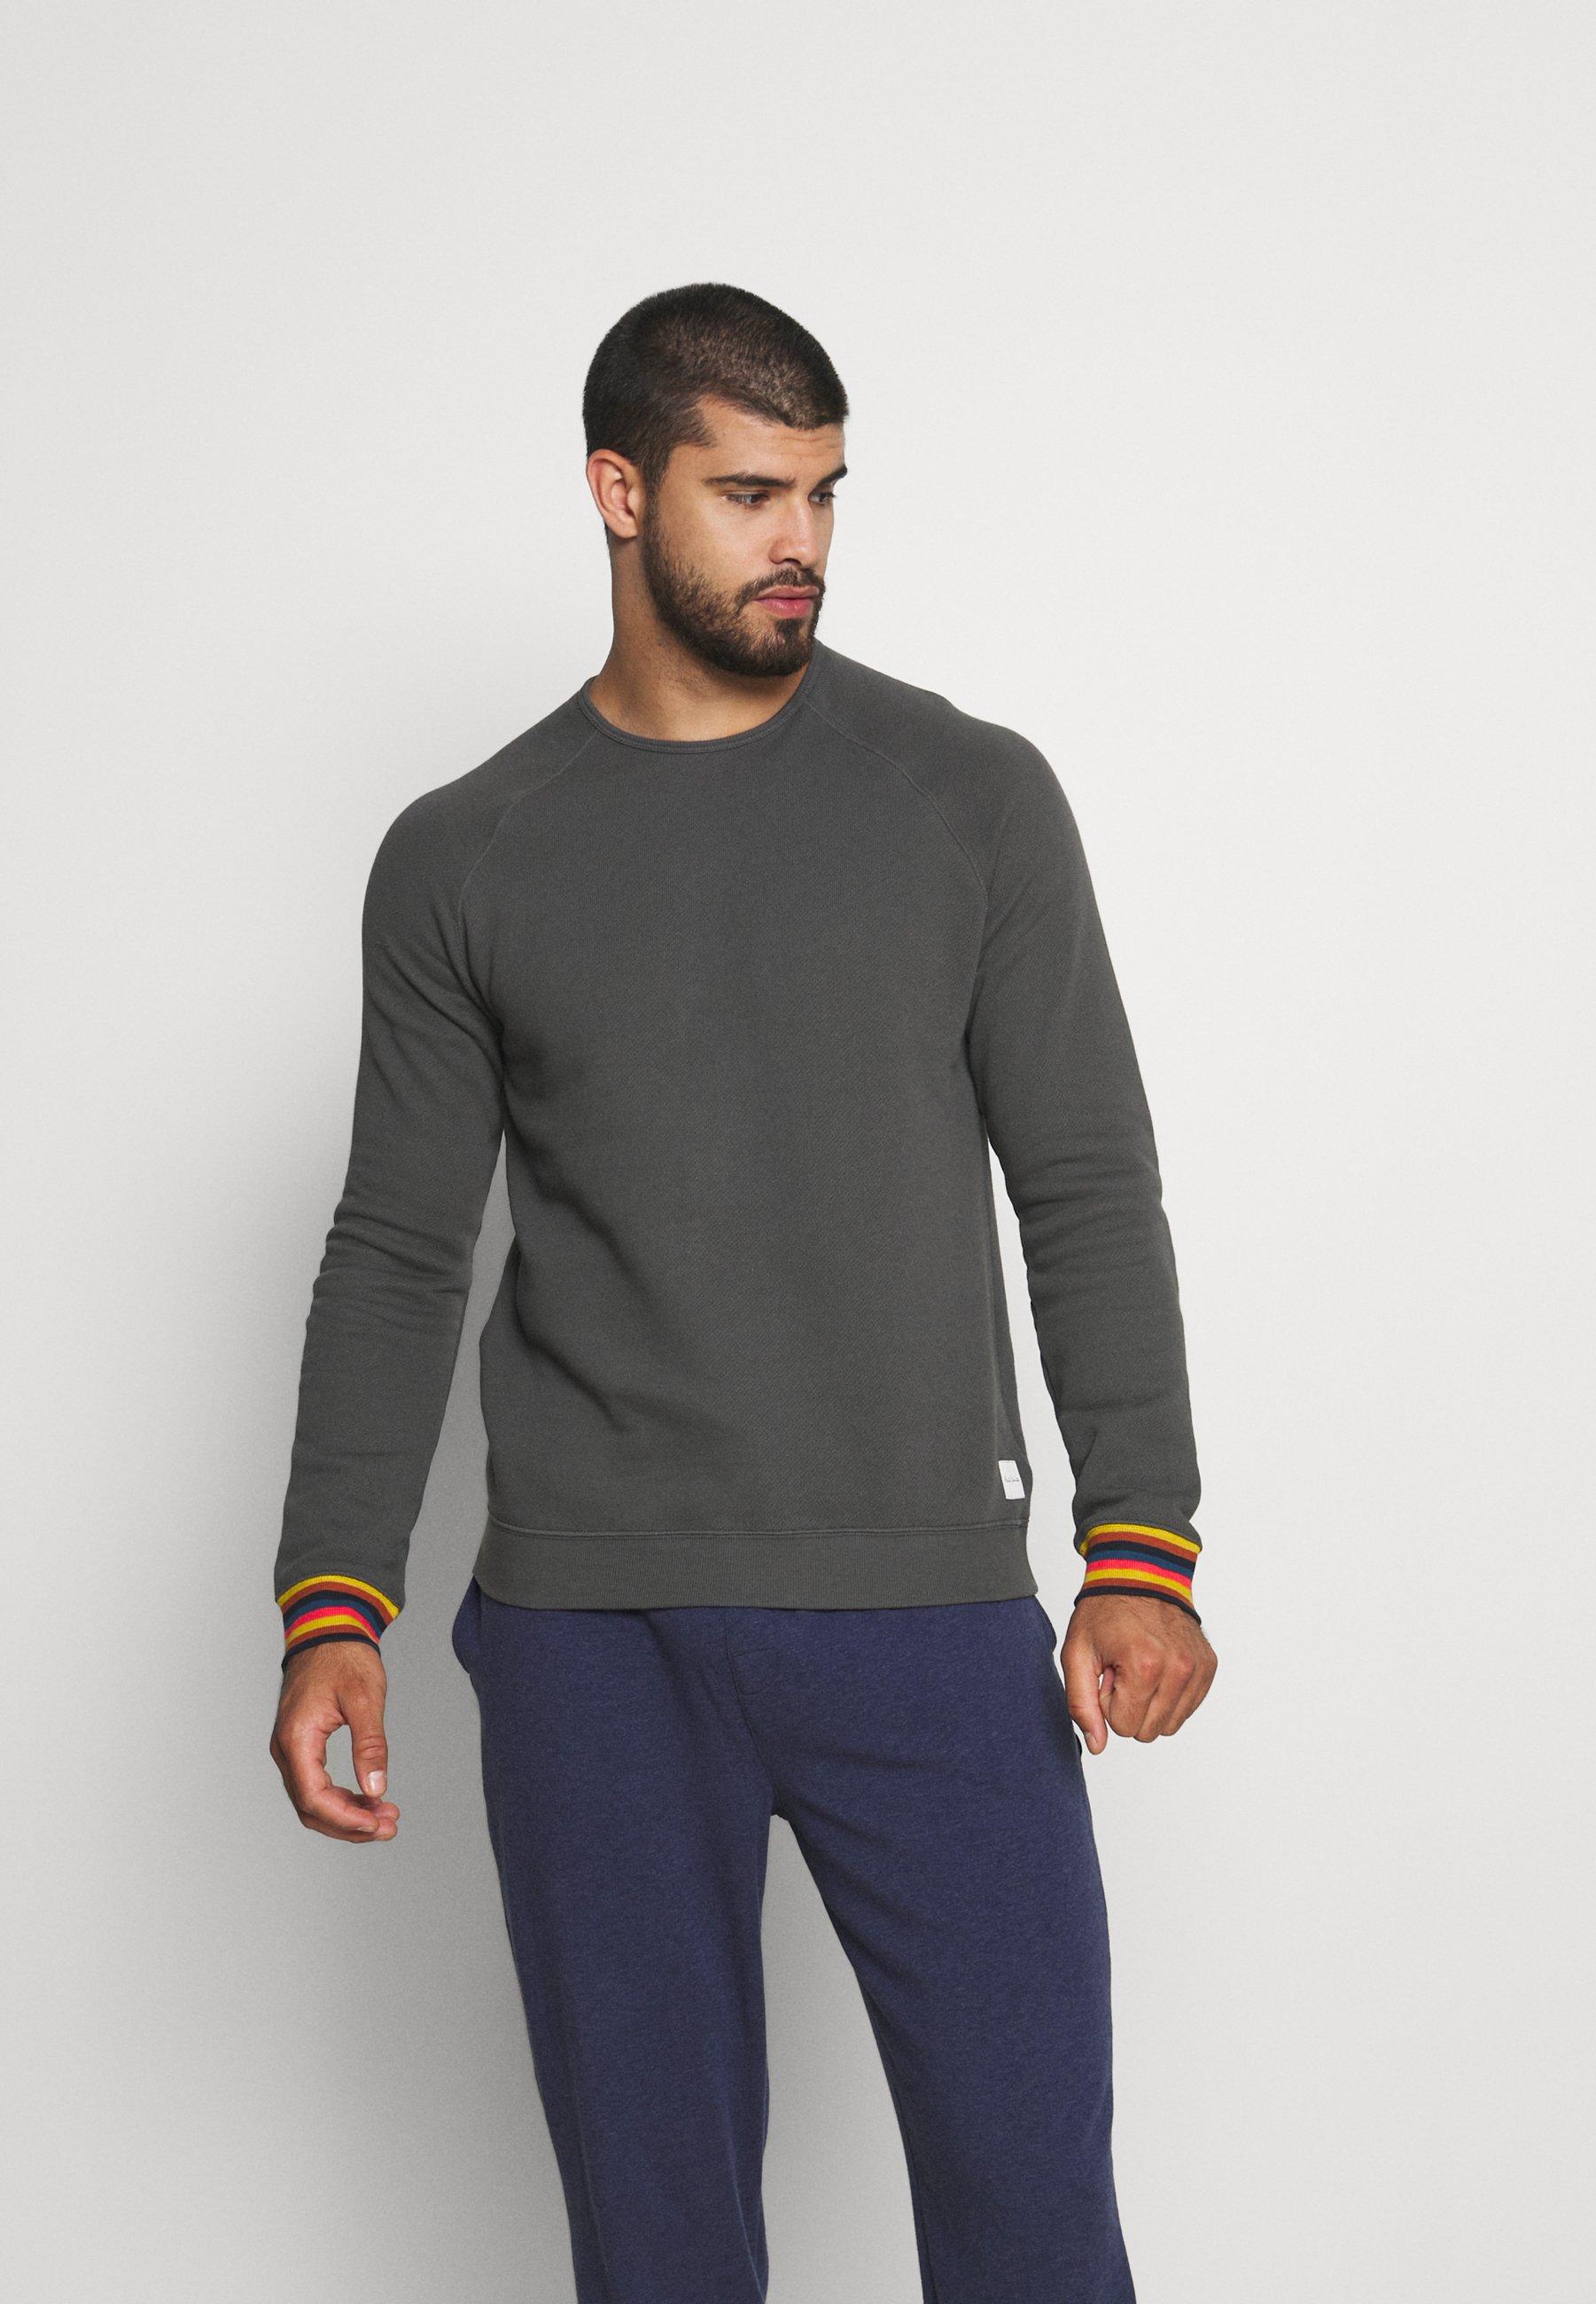 Herren MEN TOP LONG - Nachtwäsche Shirt